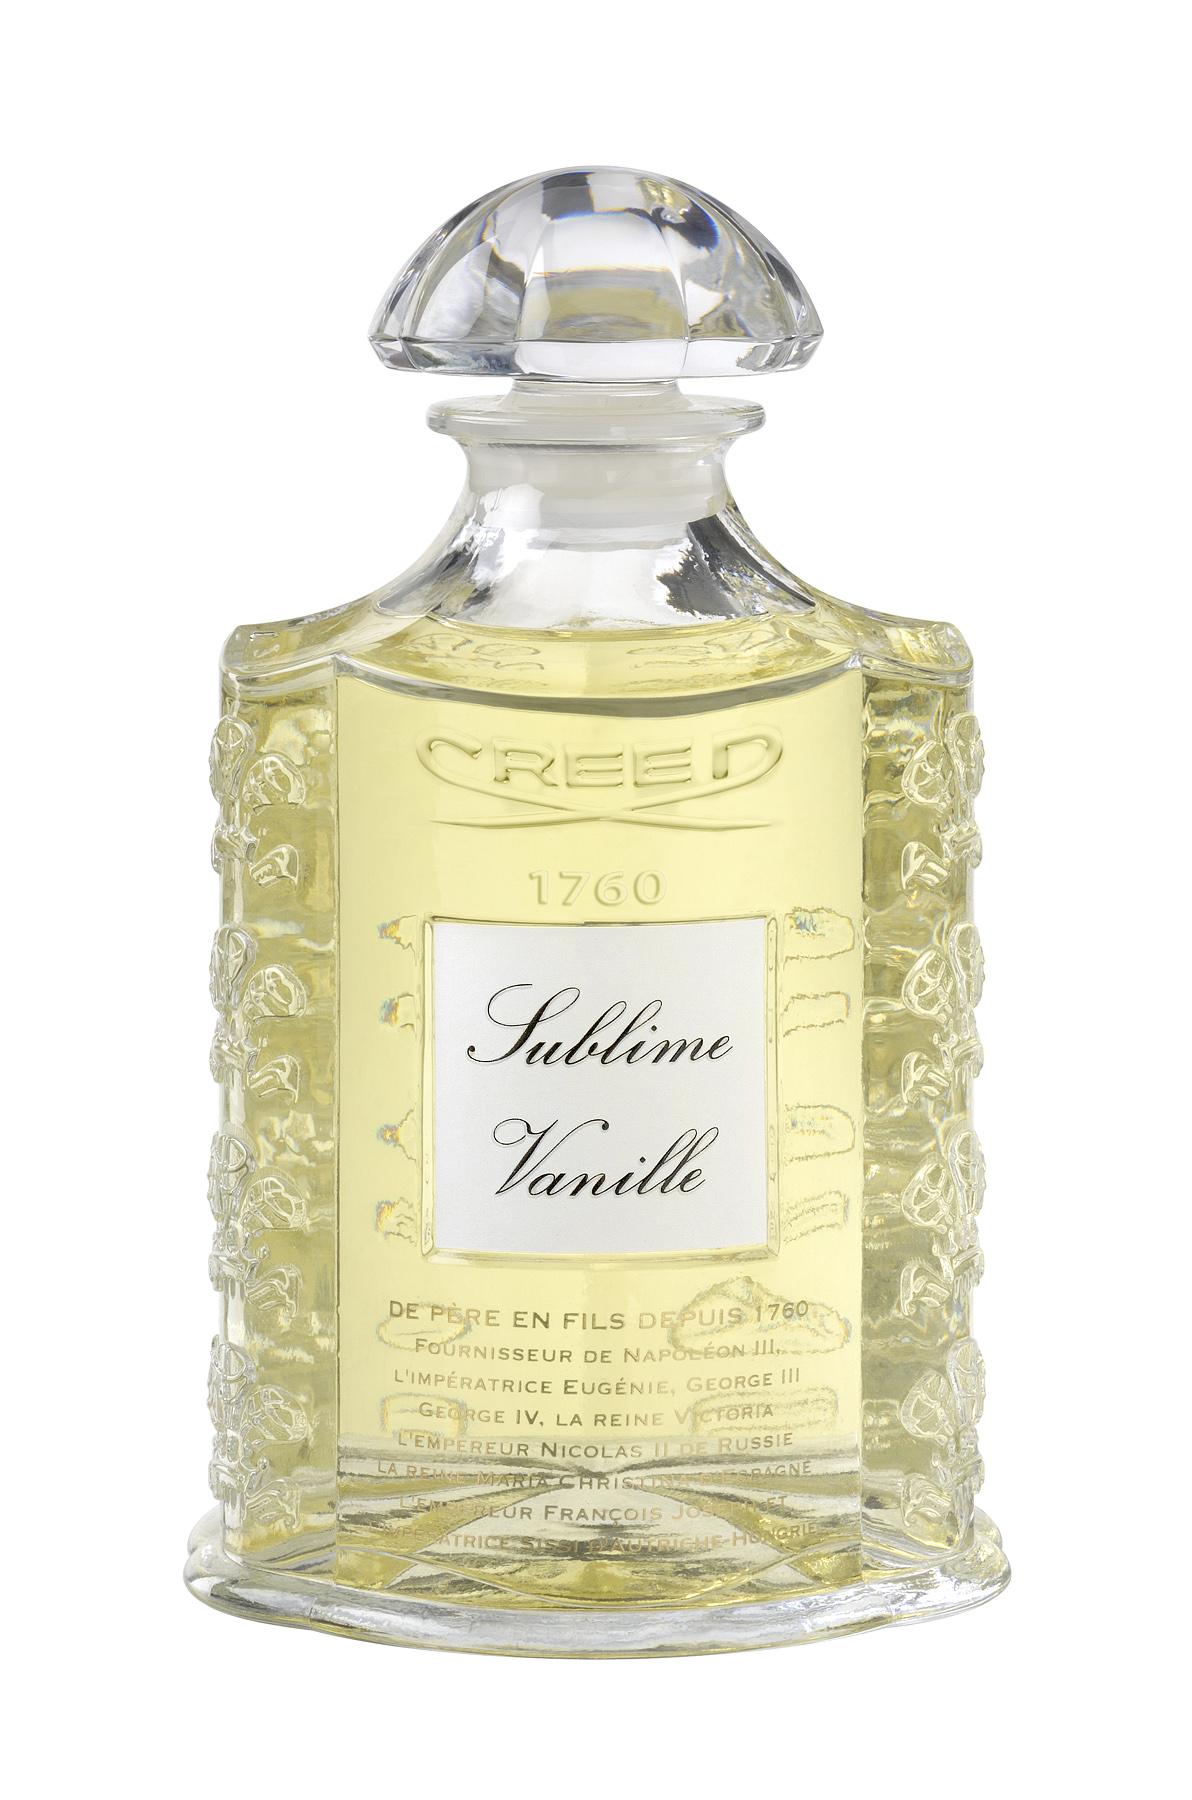 MAISON GUERLAIN , Les Elixirs Charnels announces a new Guerlain